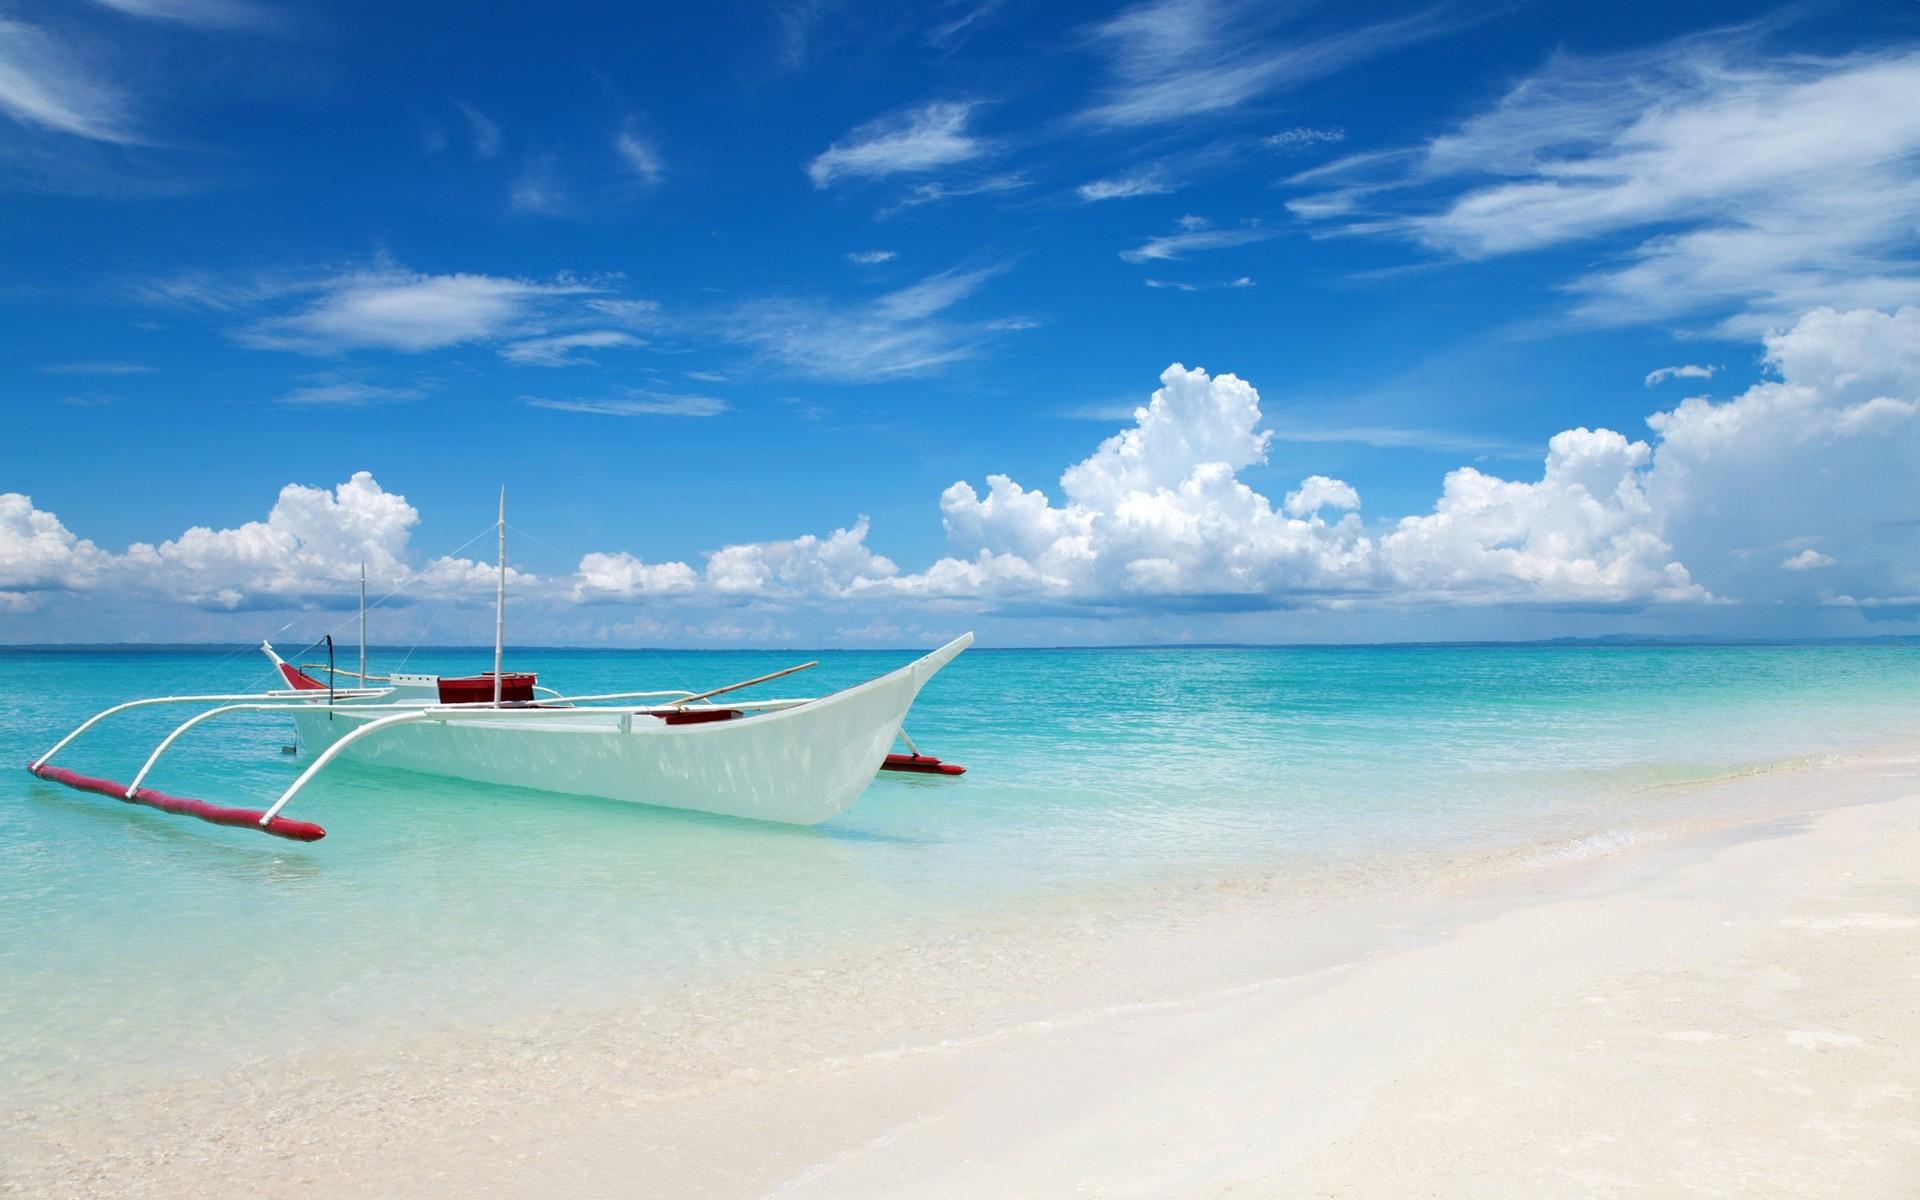 Белоснежные пляжи Тайланда